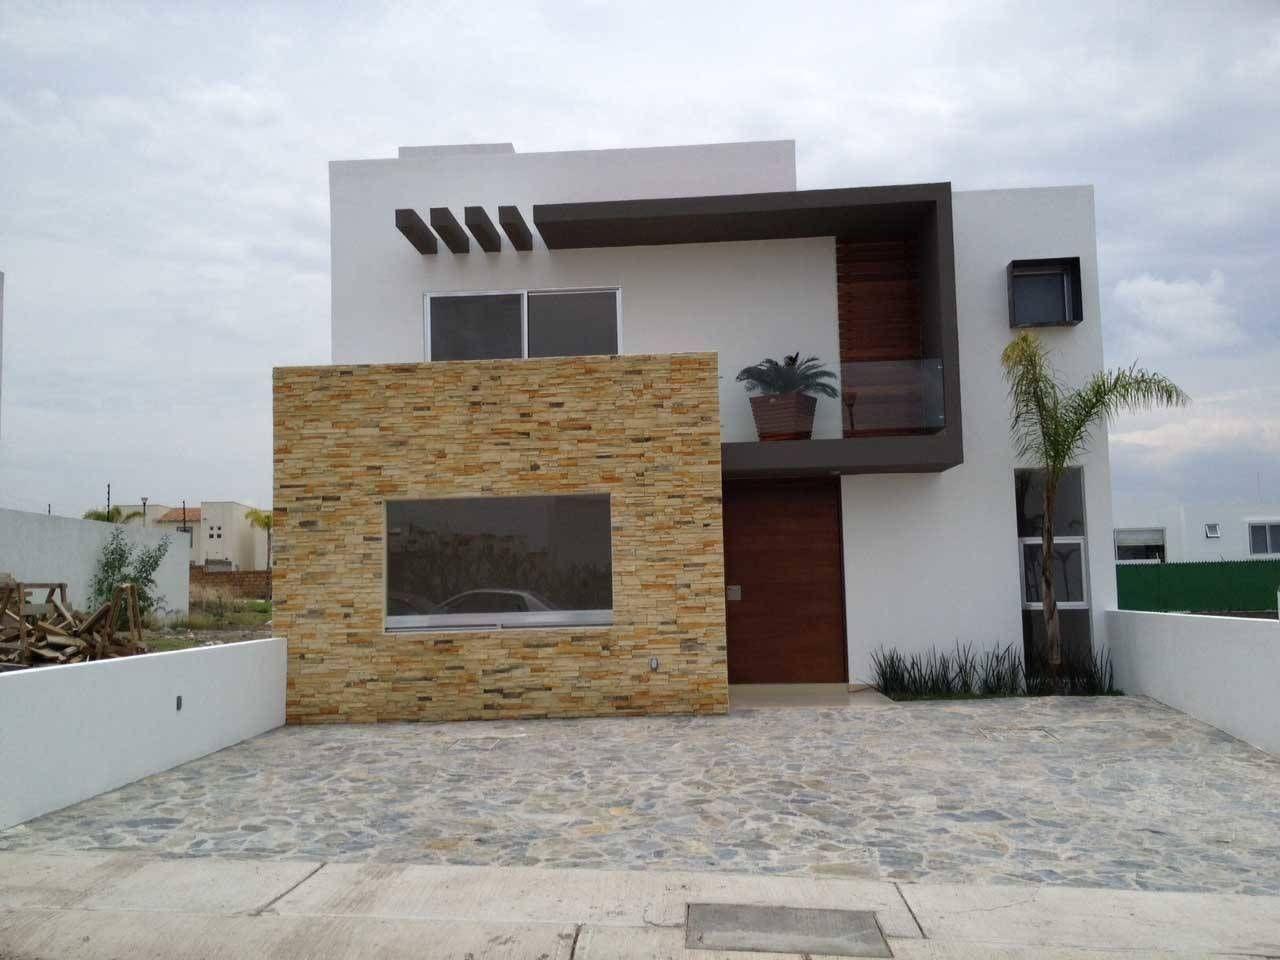 fachada casas modernas de santiago pardo arquitecto